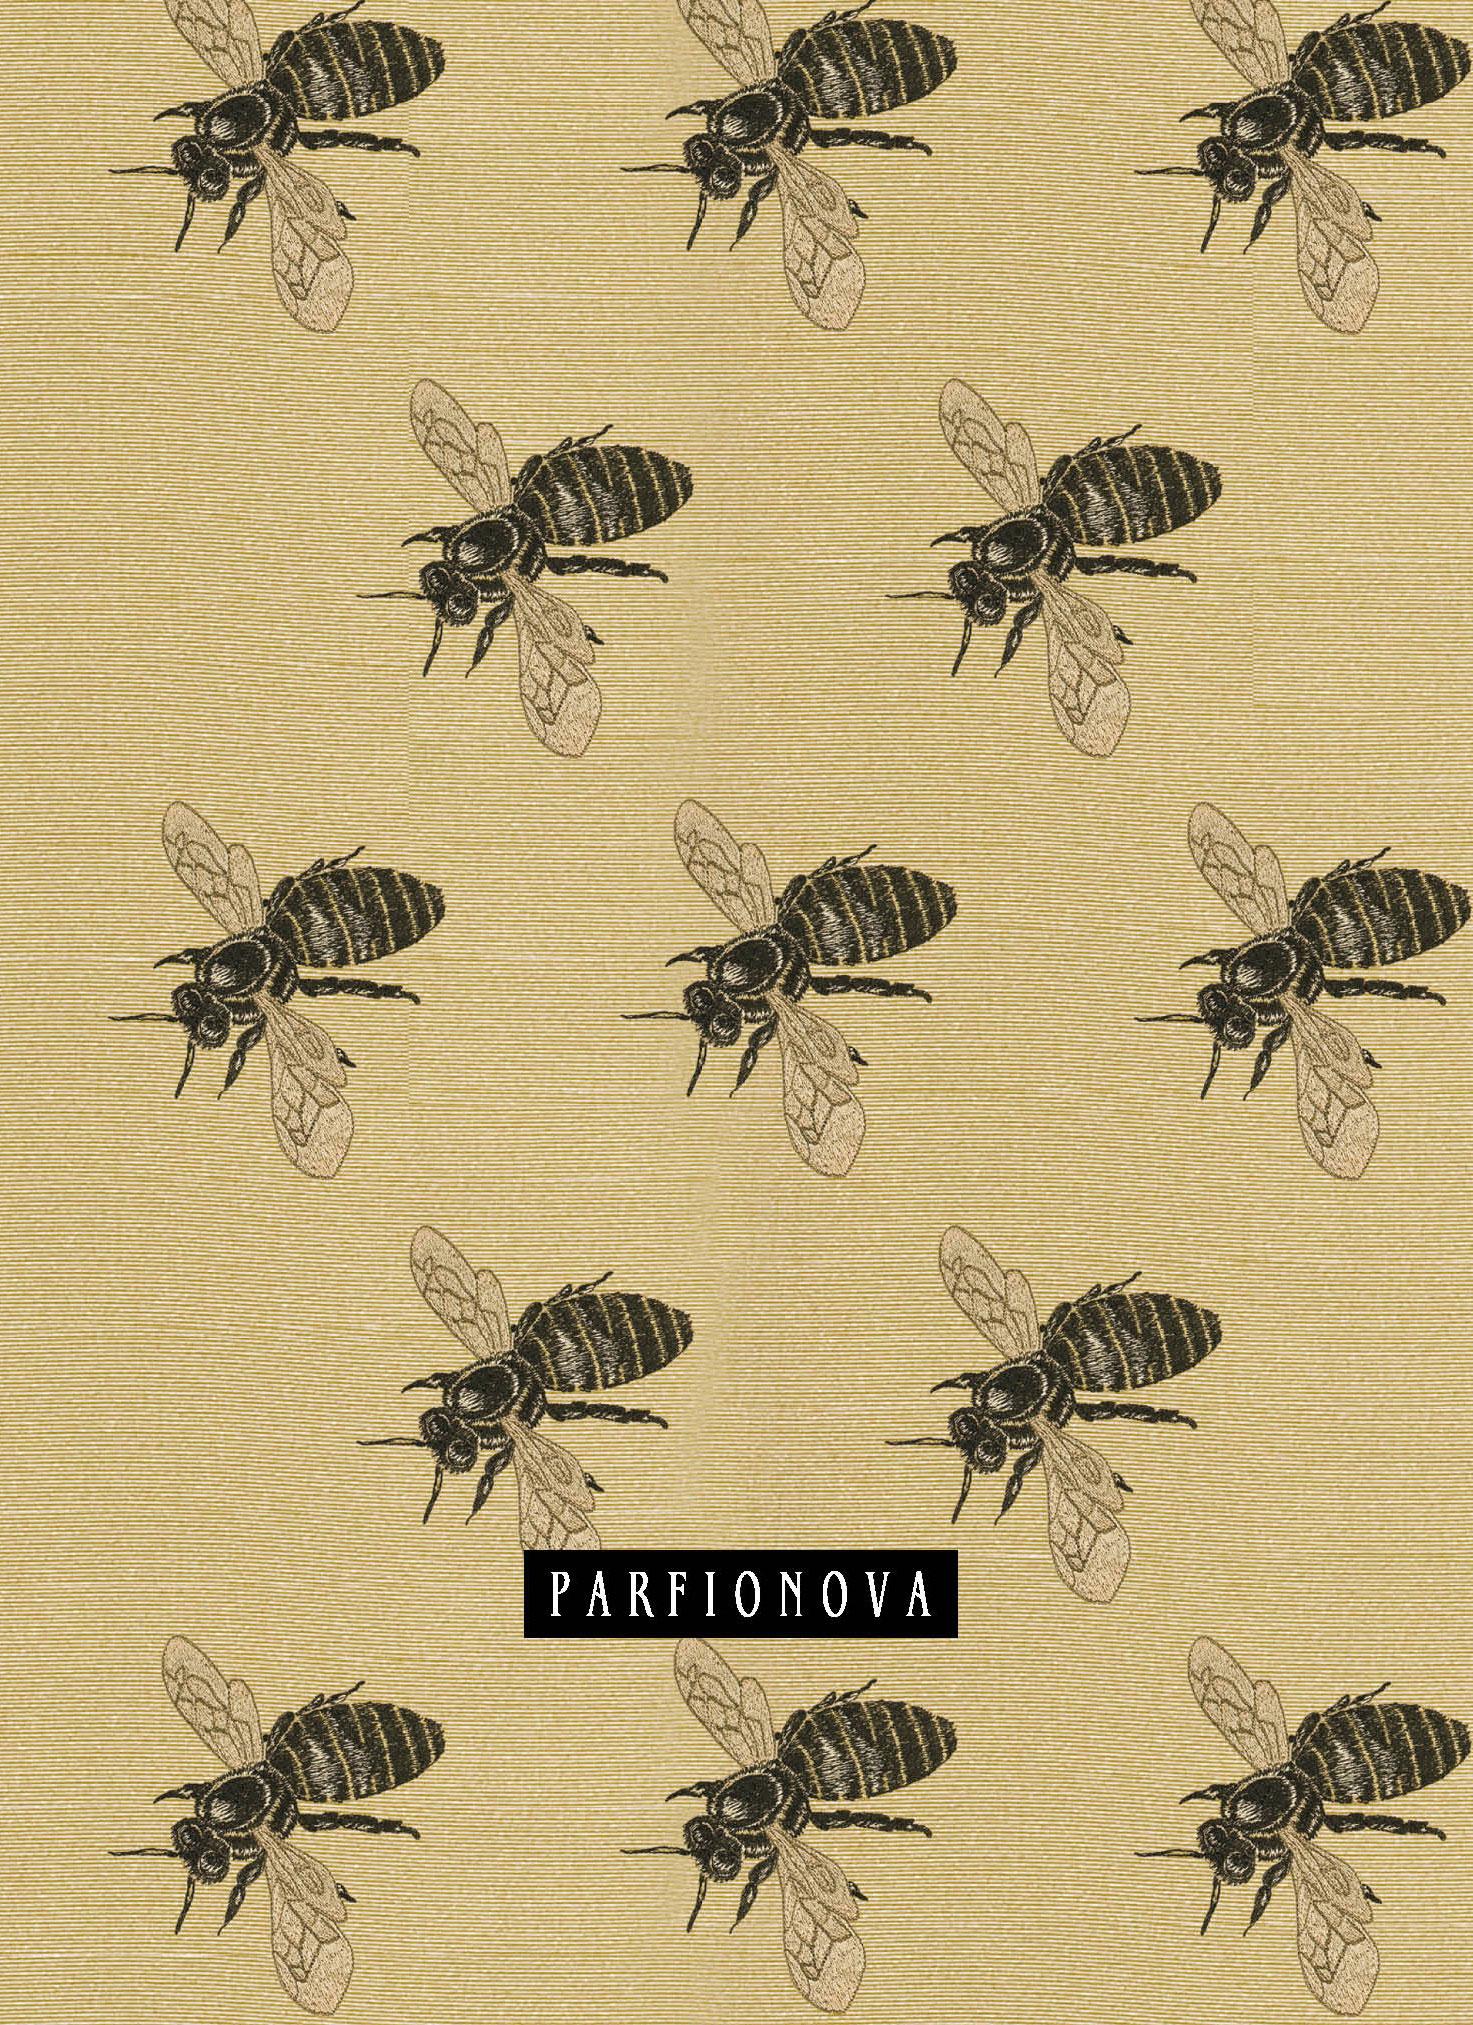 Т. В. Парфенова Рой пчел. Блокнот для записей канди лекарство для пчел